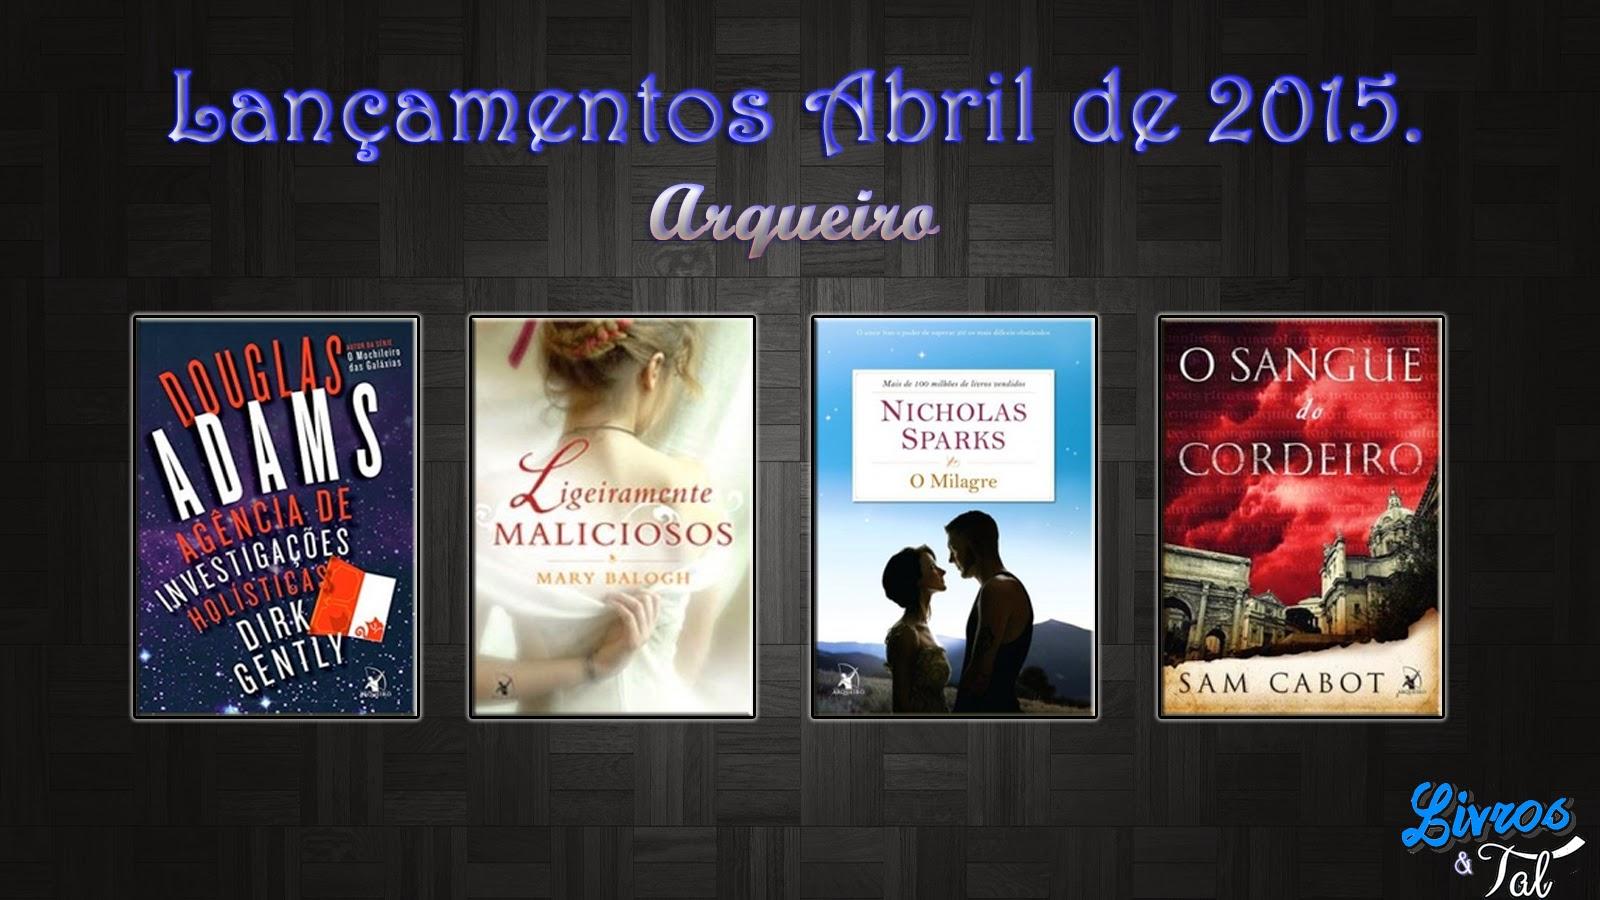 http://livrosetalgroup.blogspot.com.br/p/lancamentos-abril-de-2015-editora.html